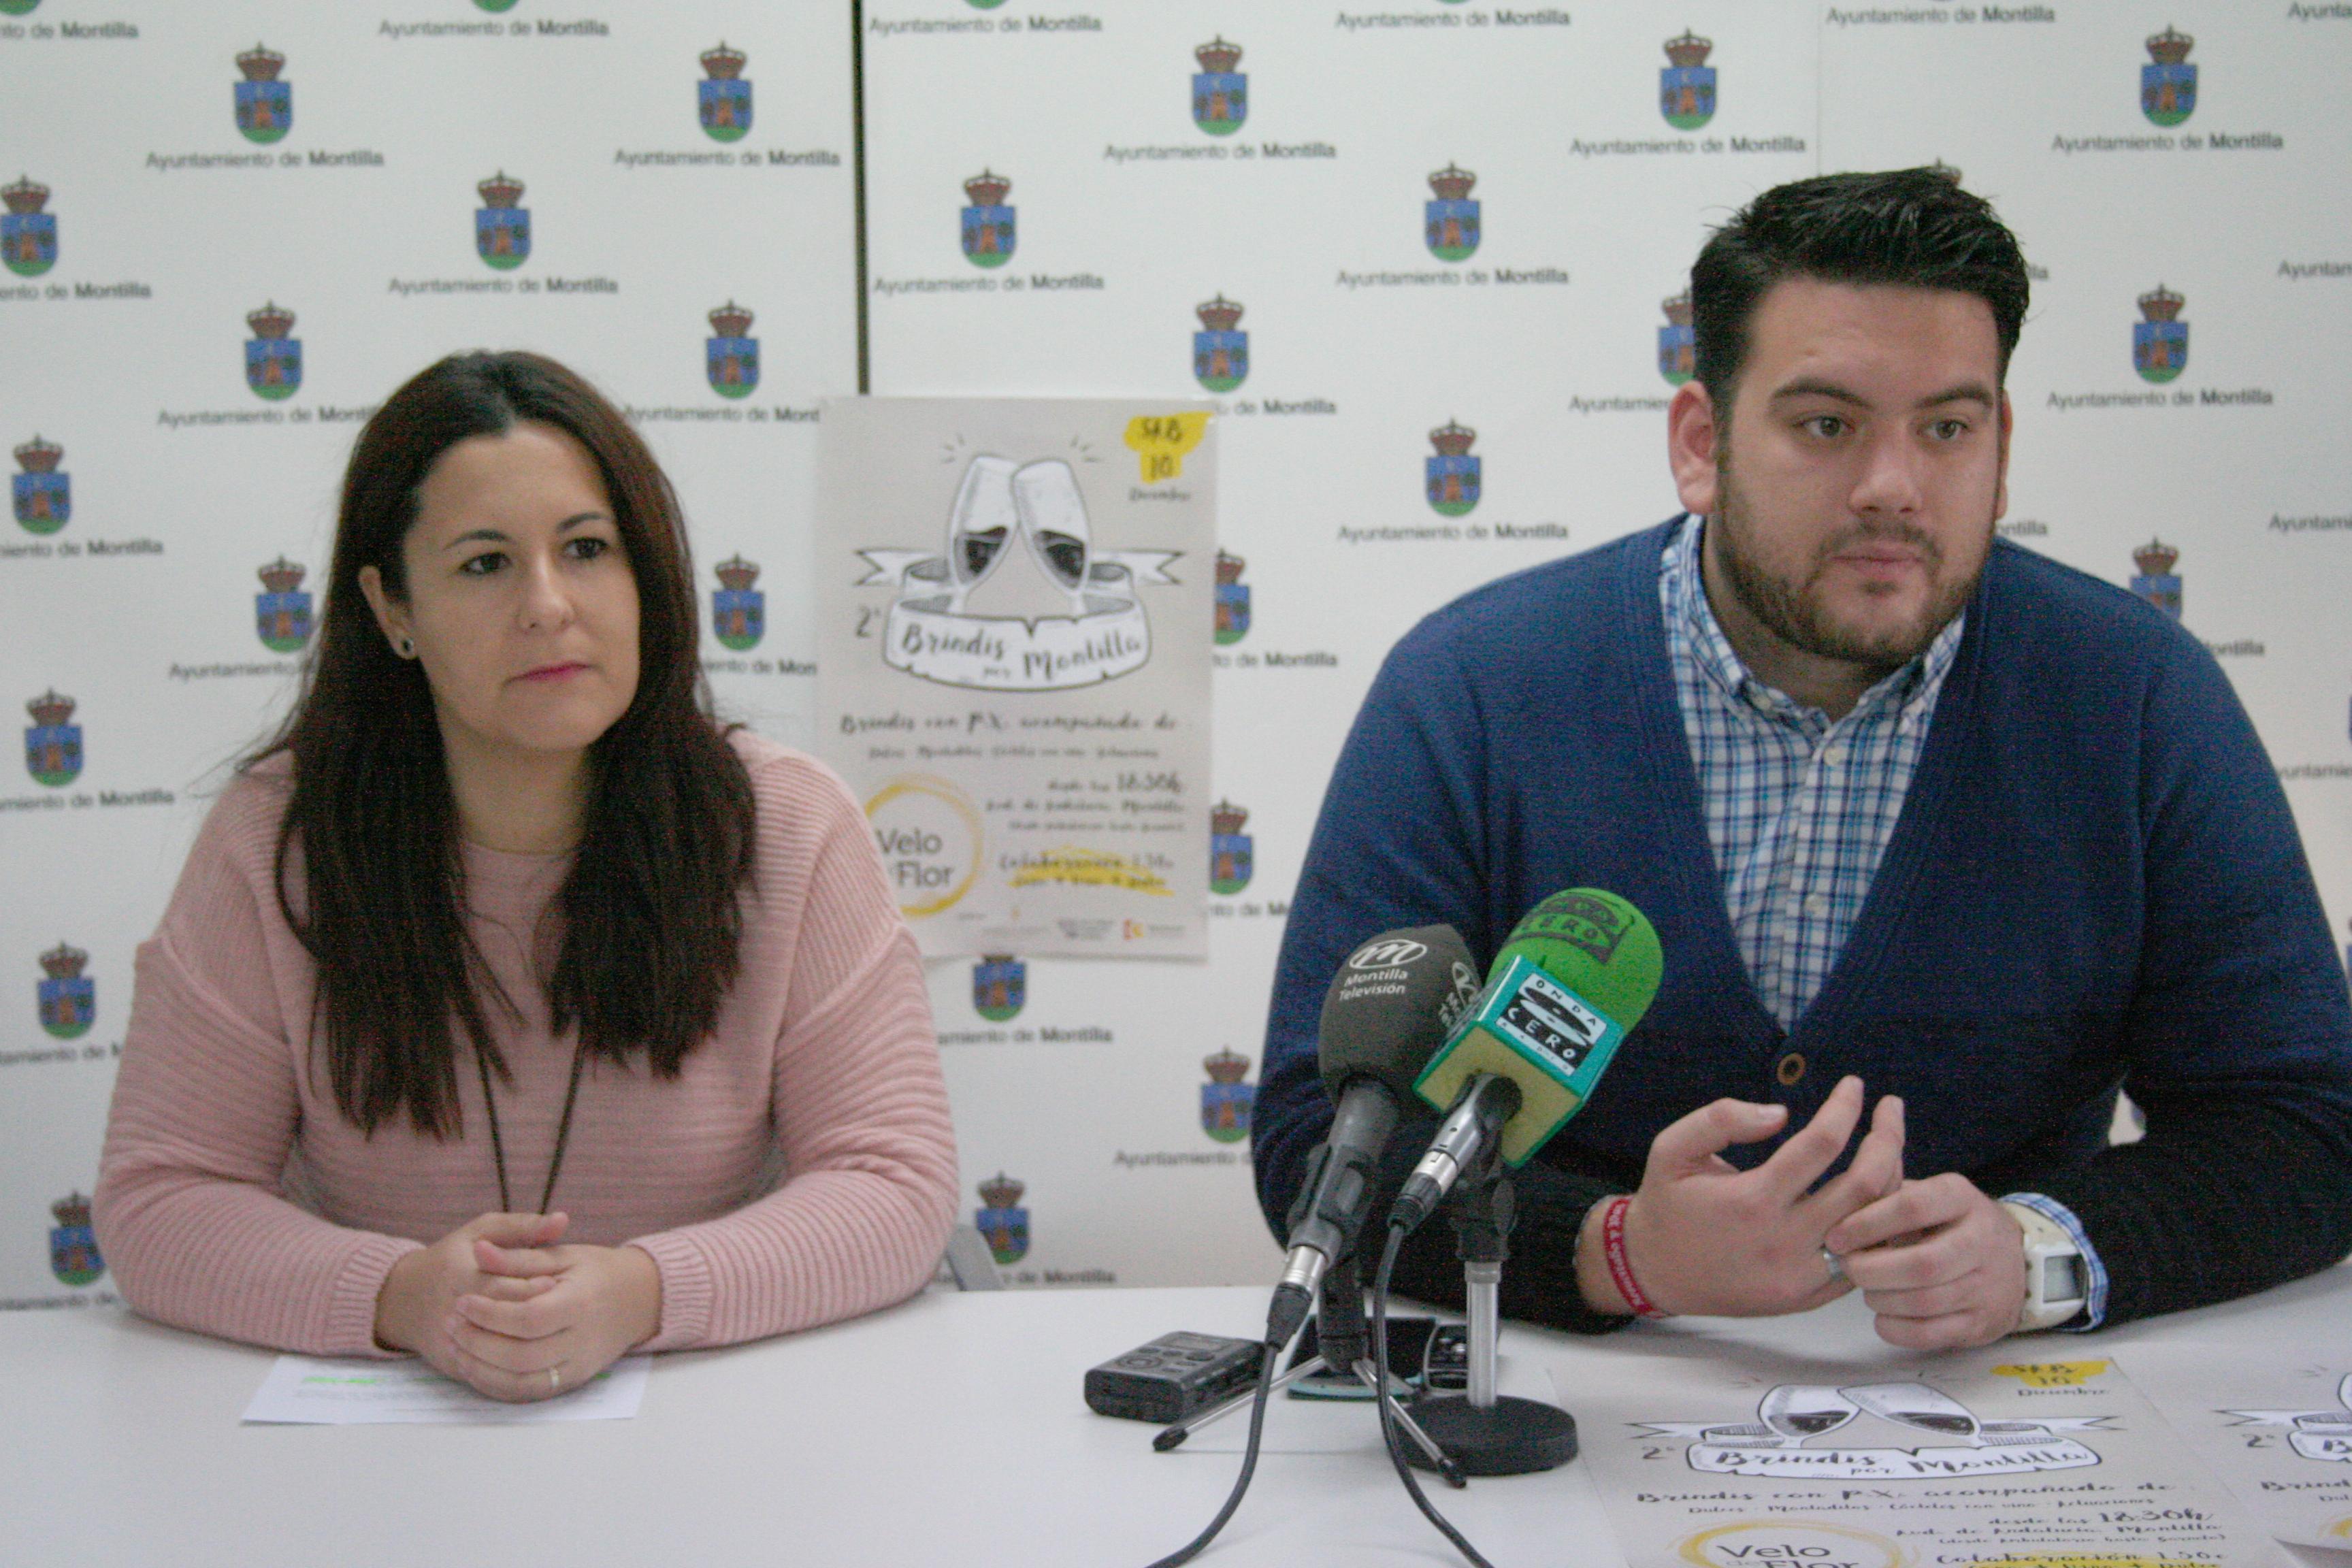 Alumnos del IES Emilio Canalejo participarán en el II Brindis por Montilla